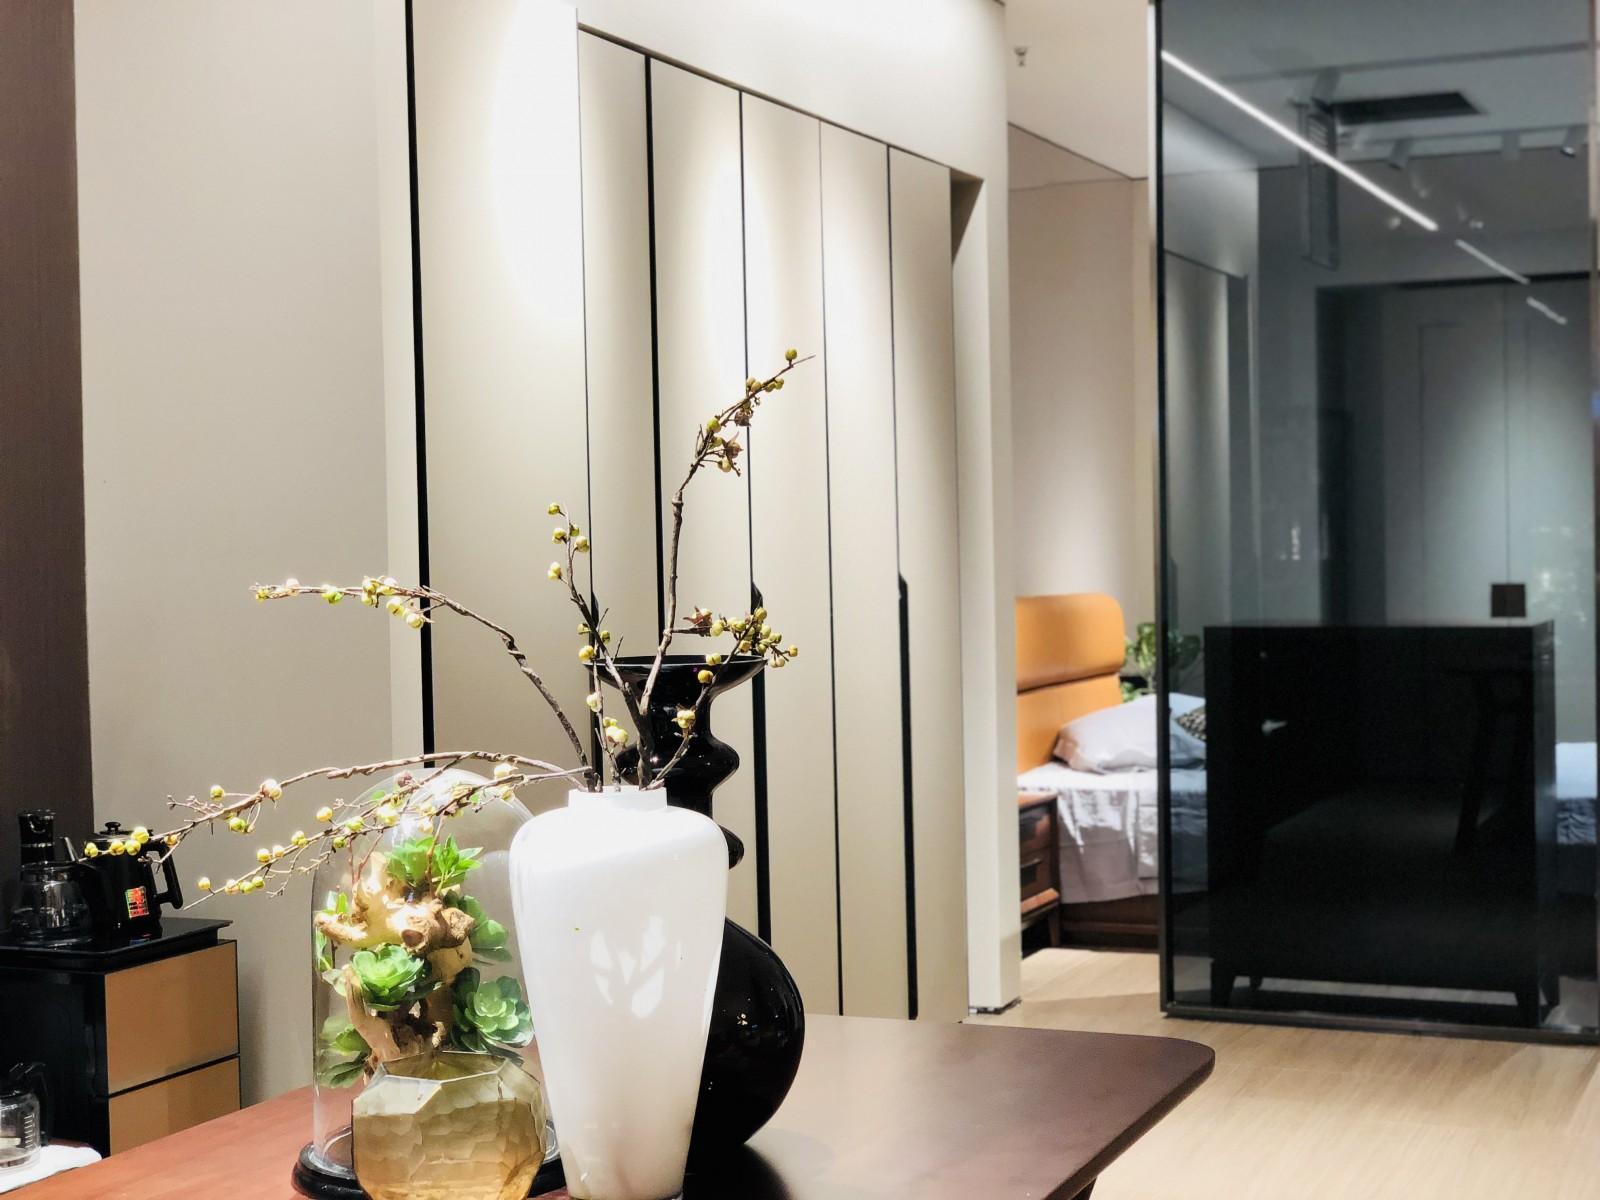 意风|LAMIA  意式轻奢风家具代表品牌